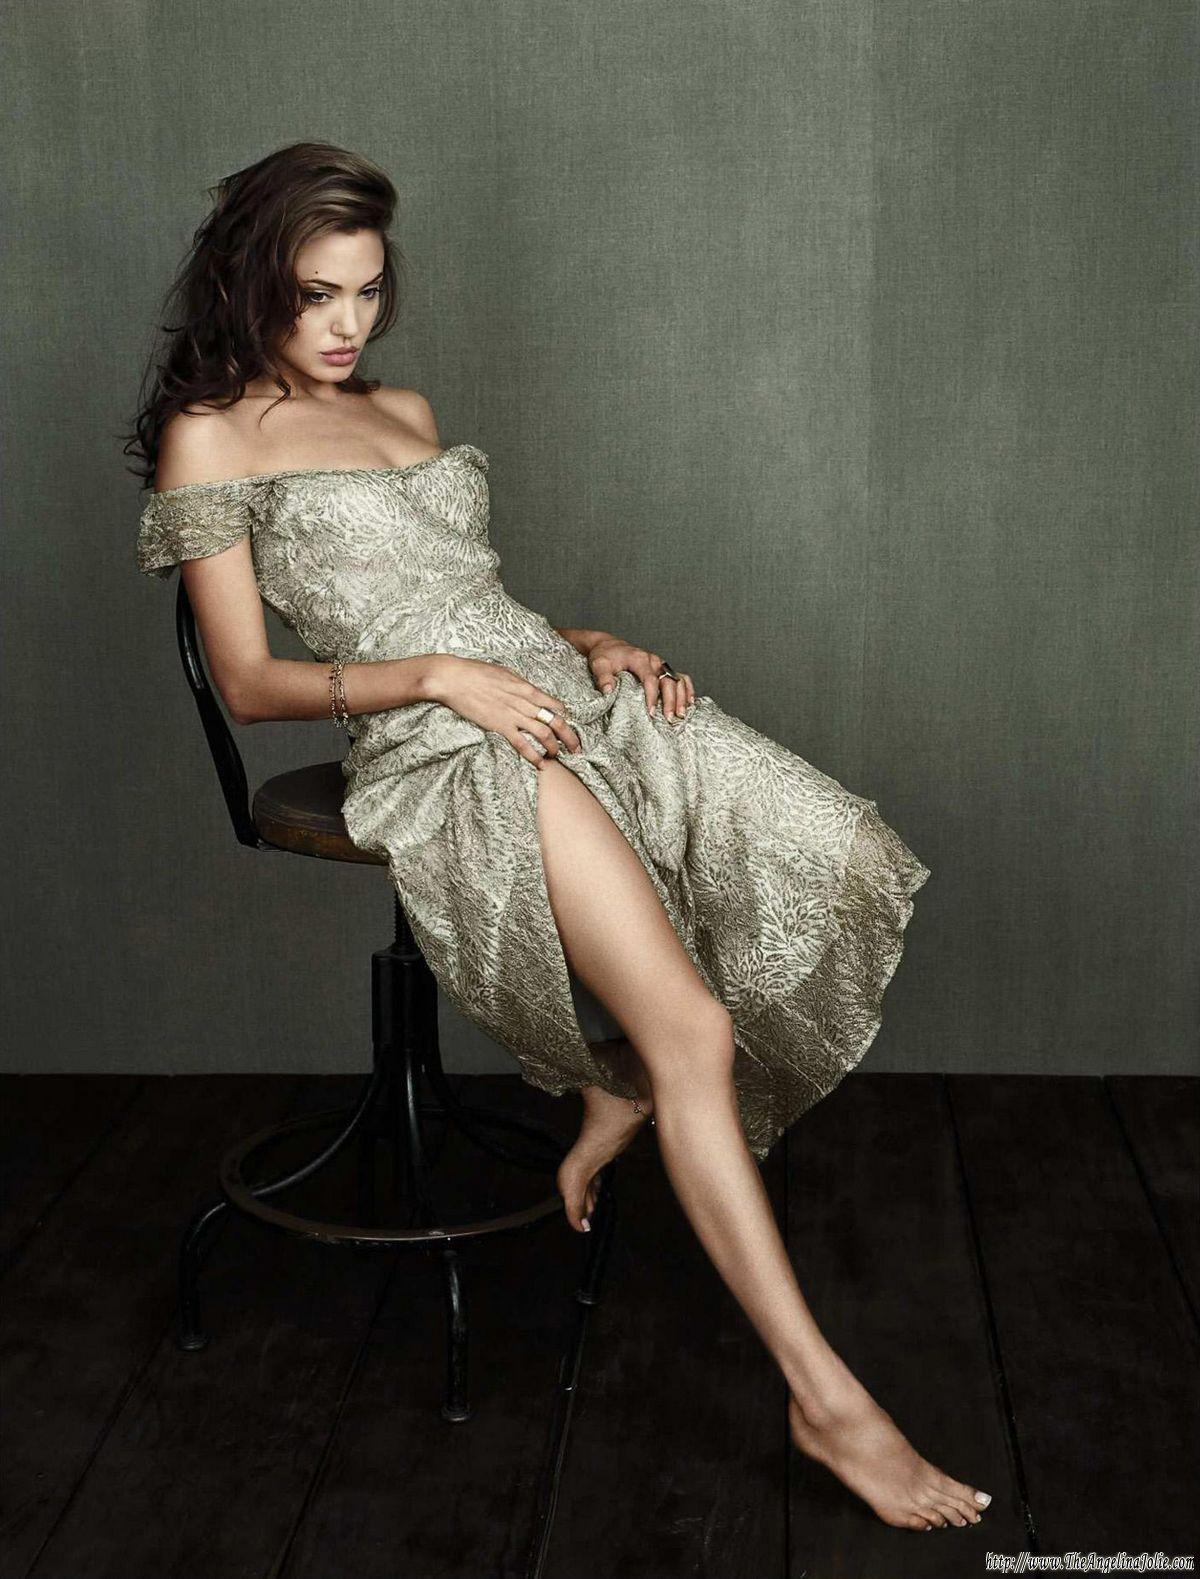 http://2.bp.blogspot.com/--JyhdniMIO4/T_RMunmZqtI/AAAAAAAAUHw/fALew9q7Apg/s1600/Angelina_Jolie_Wallpaper_D6B59K.jpg